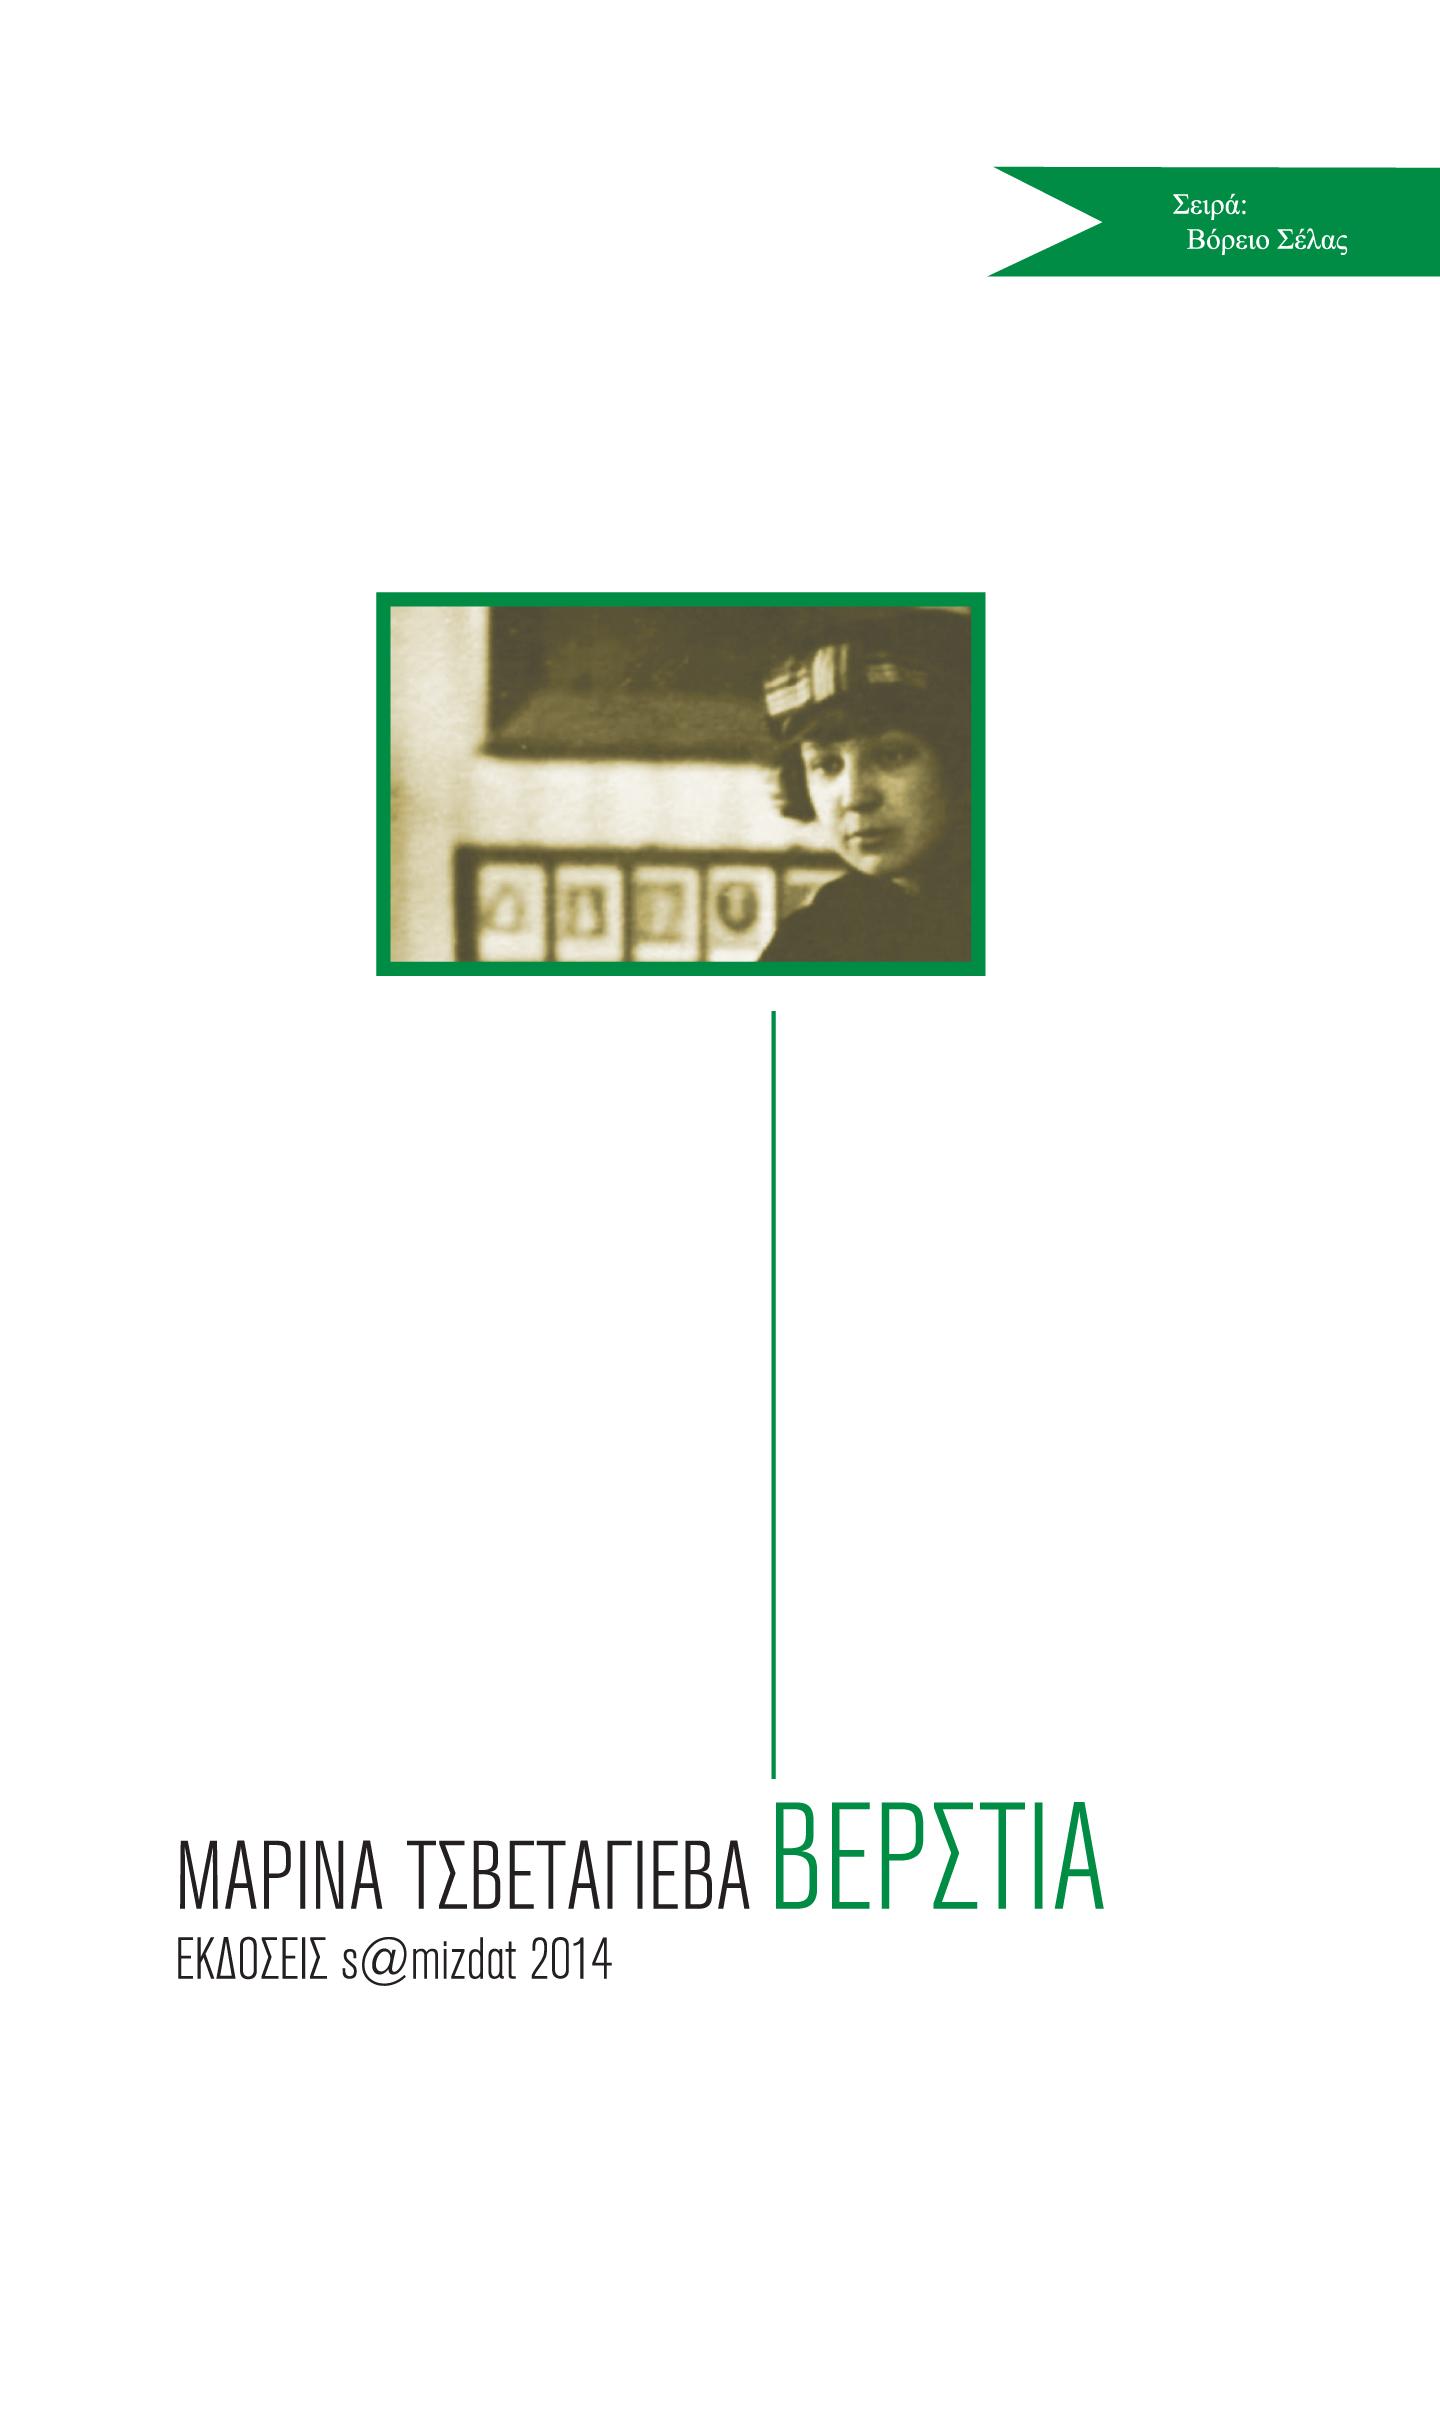 Μαρίνα Τσβετάγιεβα Βέρστια